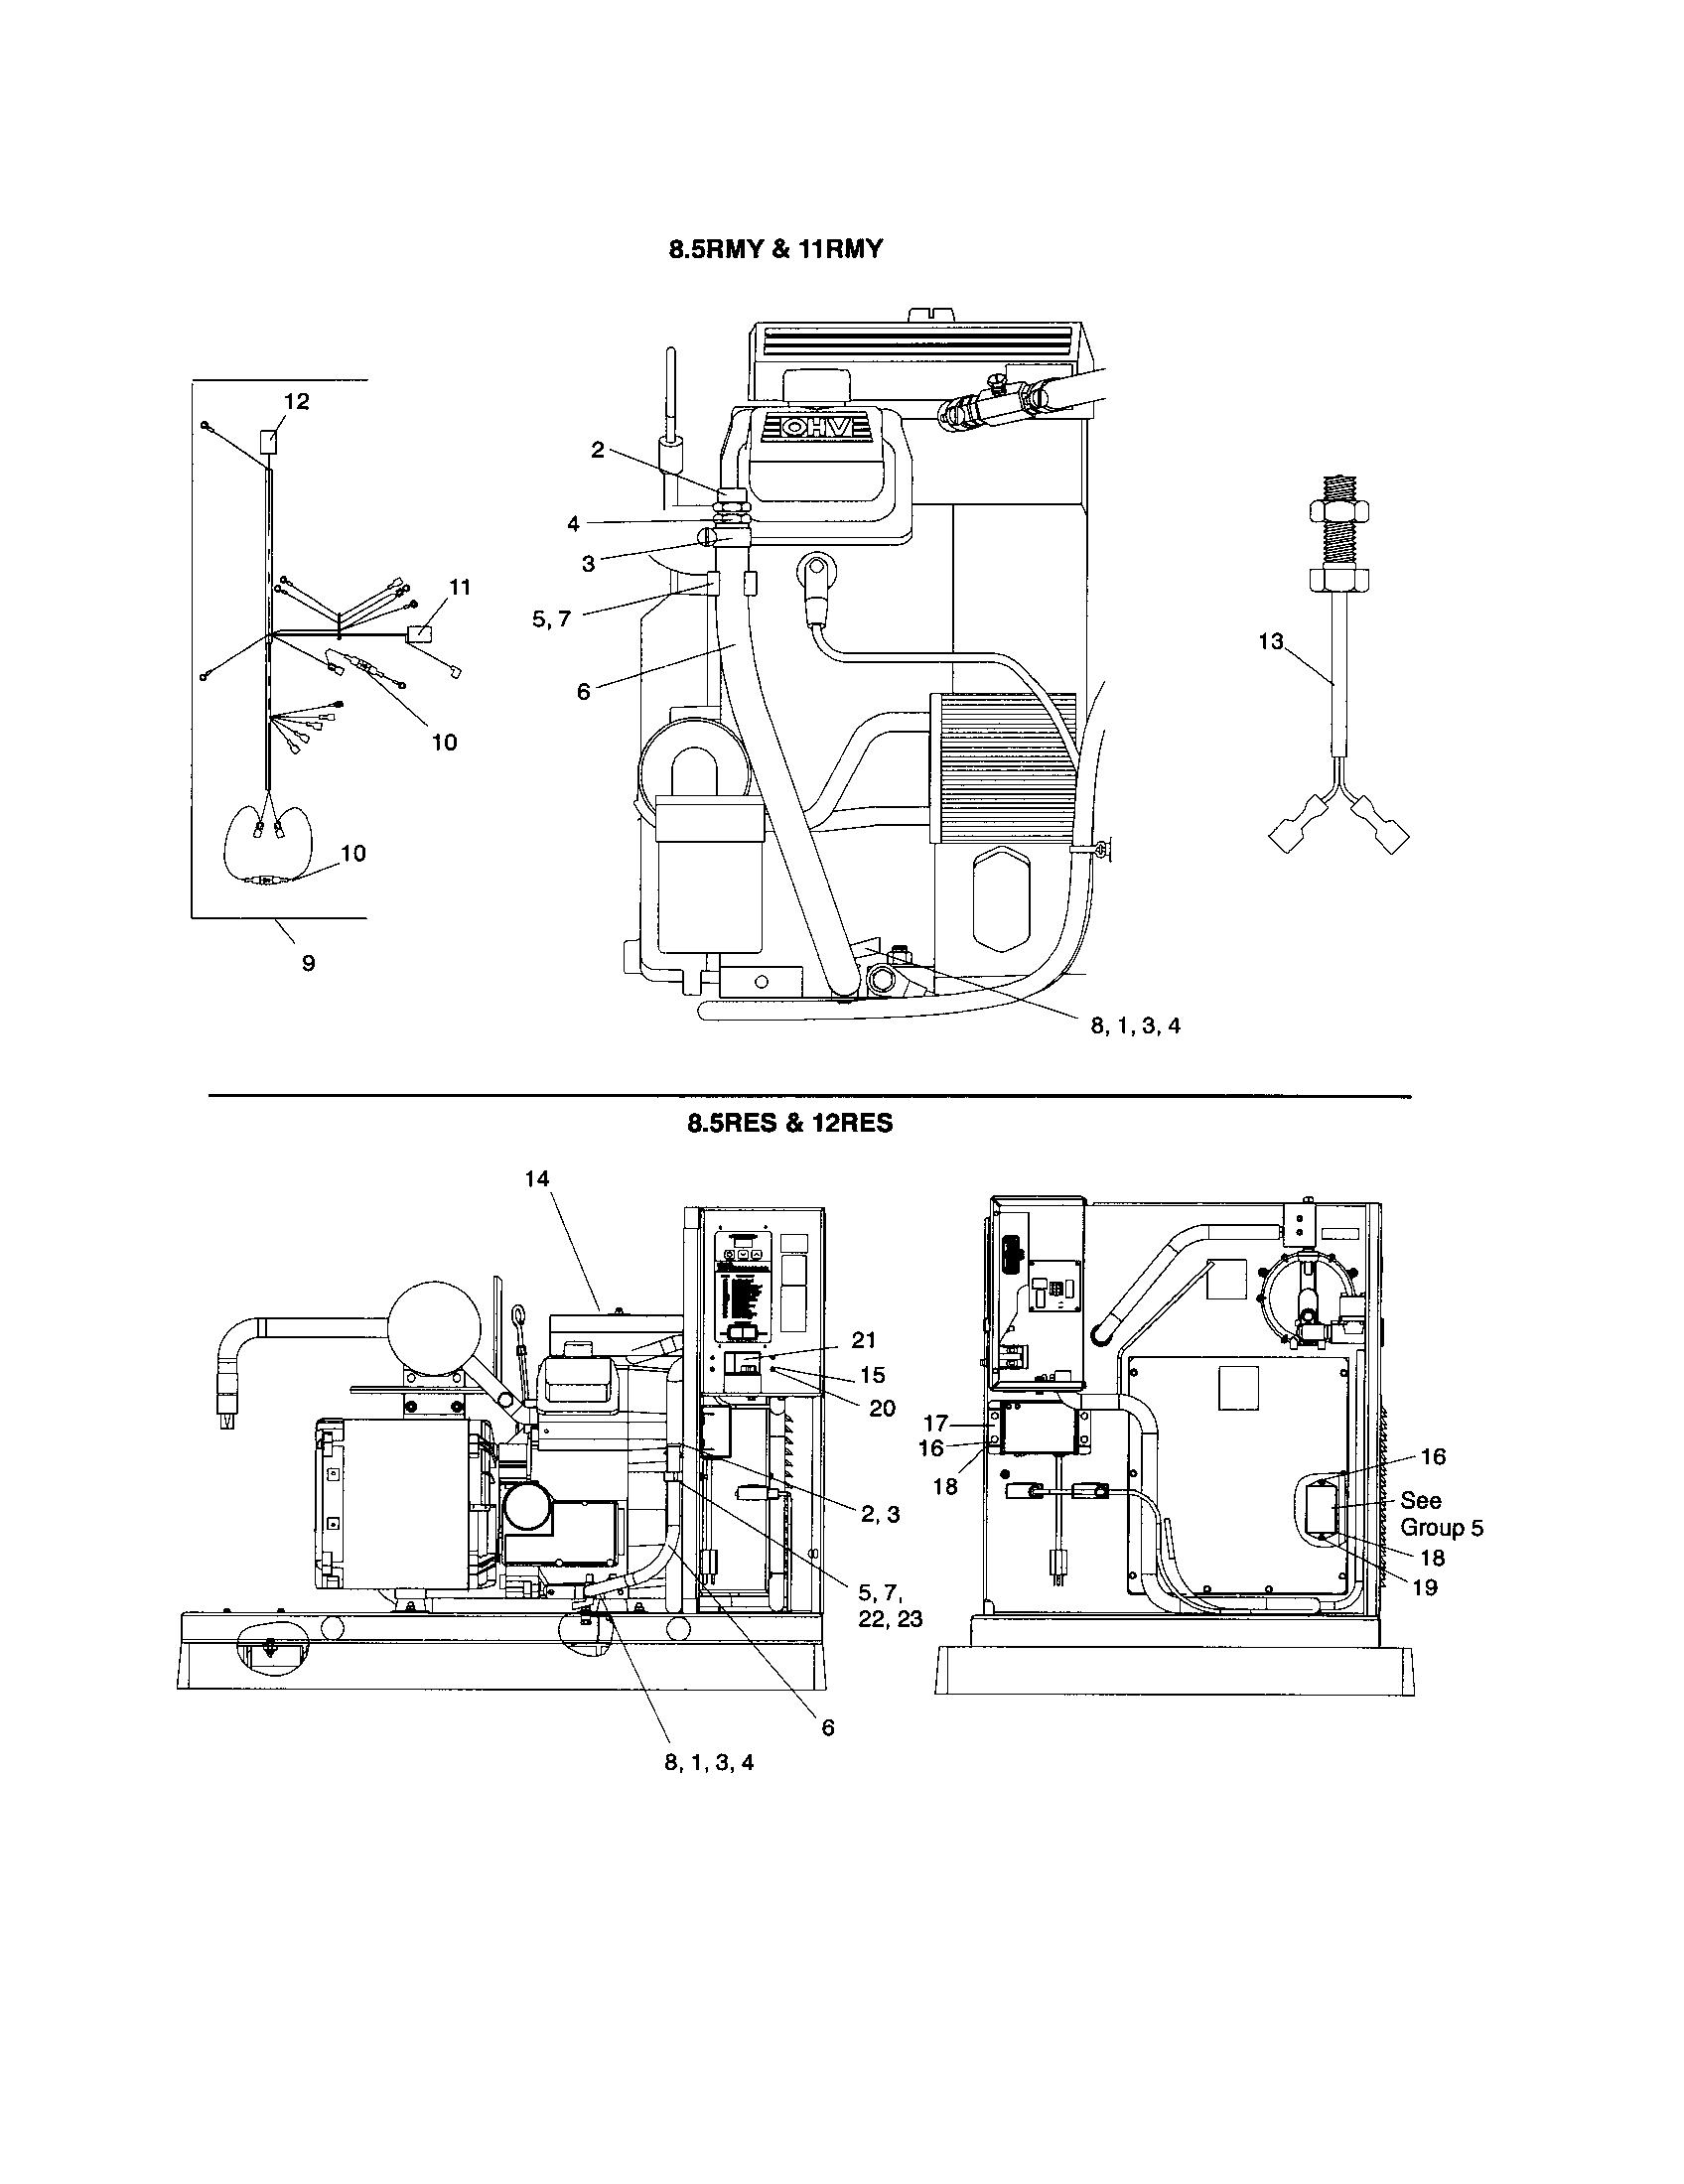 kohler starter generator wiring diagram wiring diagrams 1993, Wiring diagram